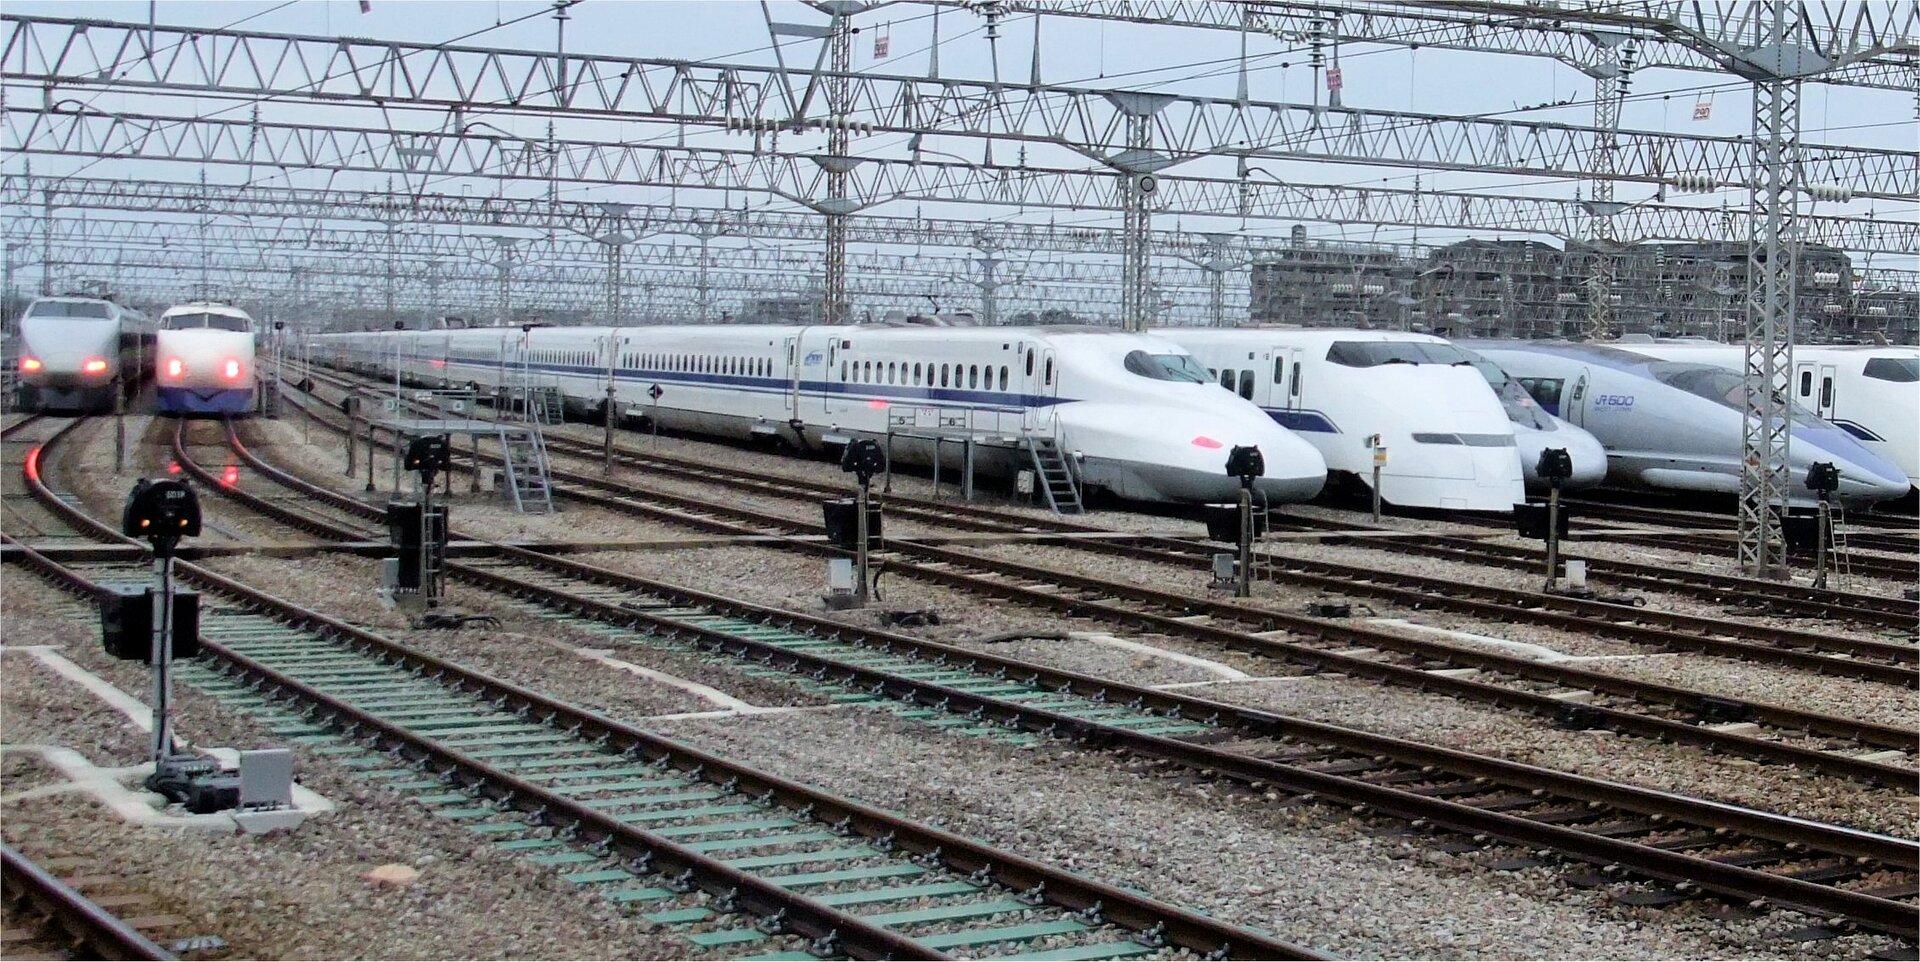 Szybkie japońskie pociągi Shinkansen rozwijające prędkość ponad 400 km/h